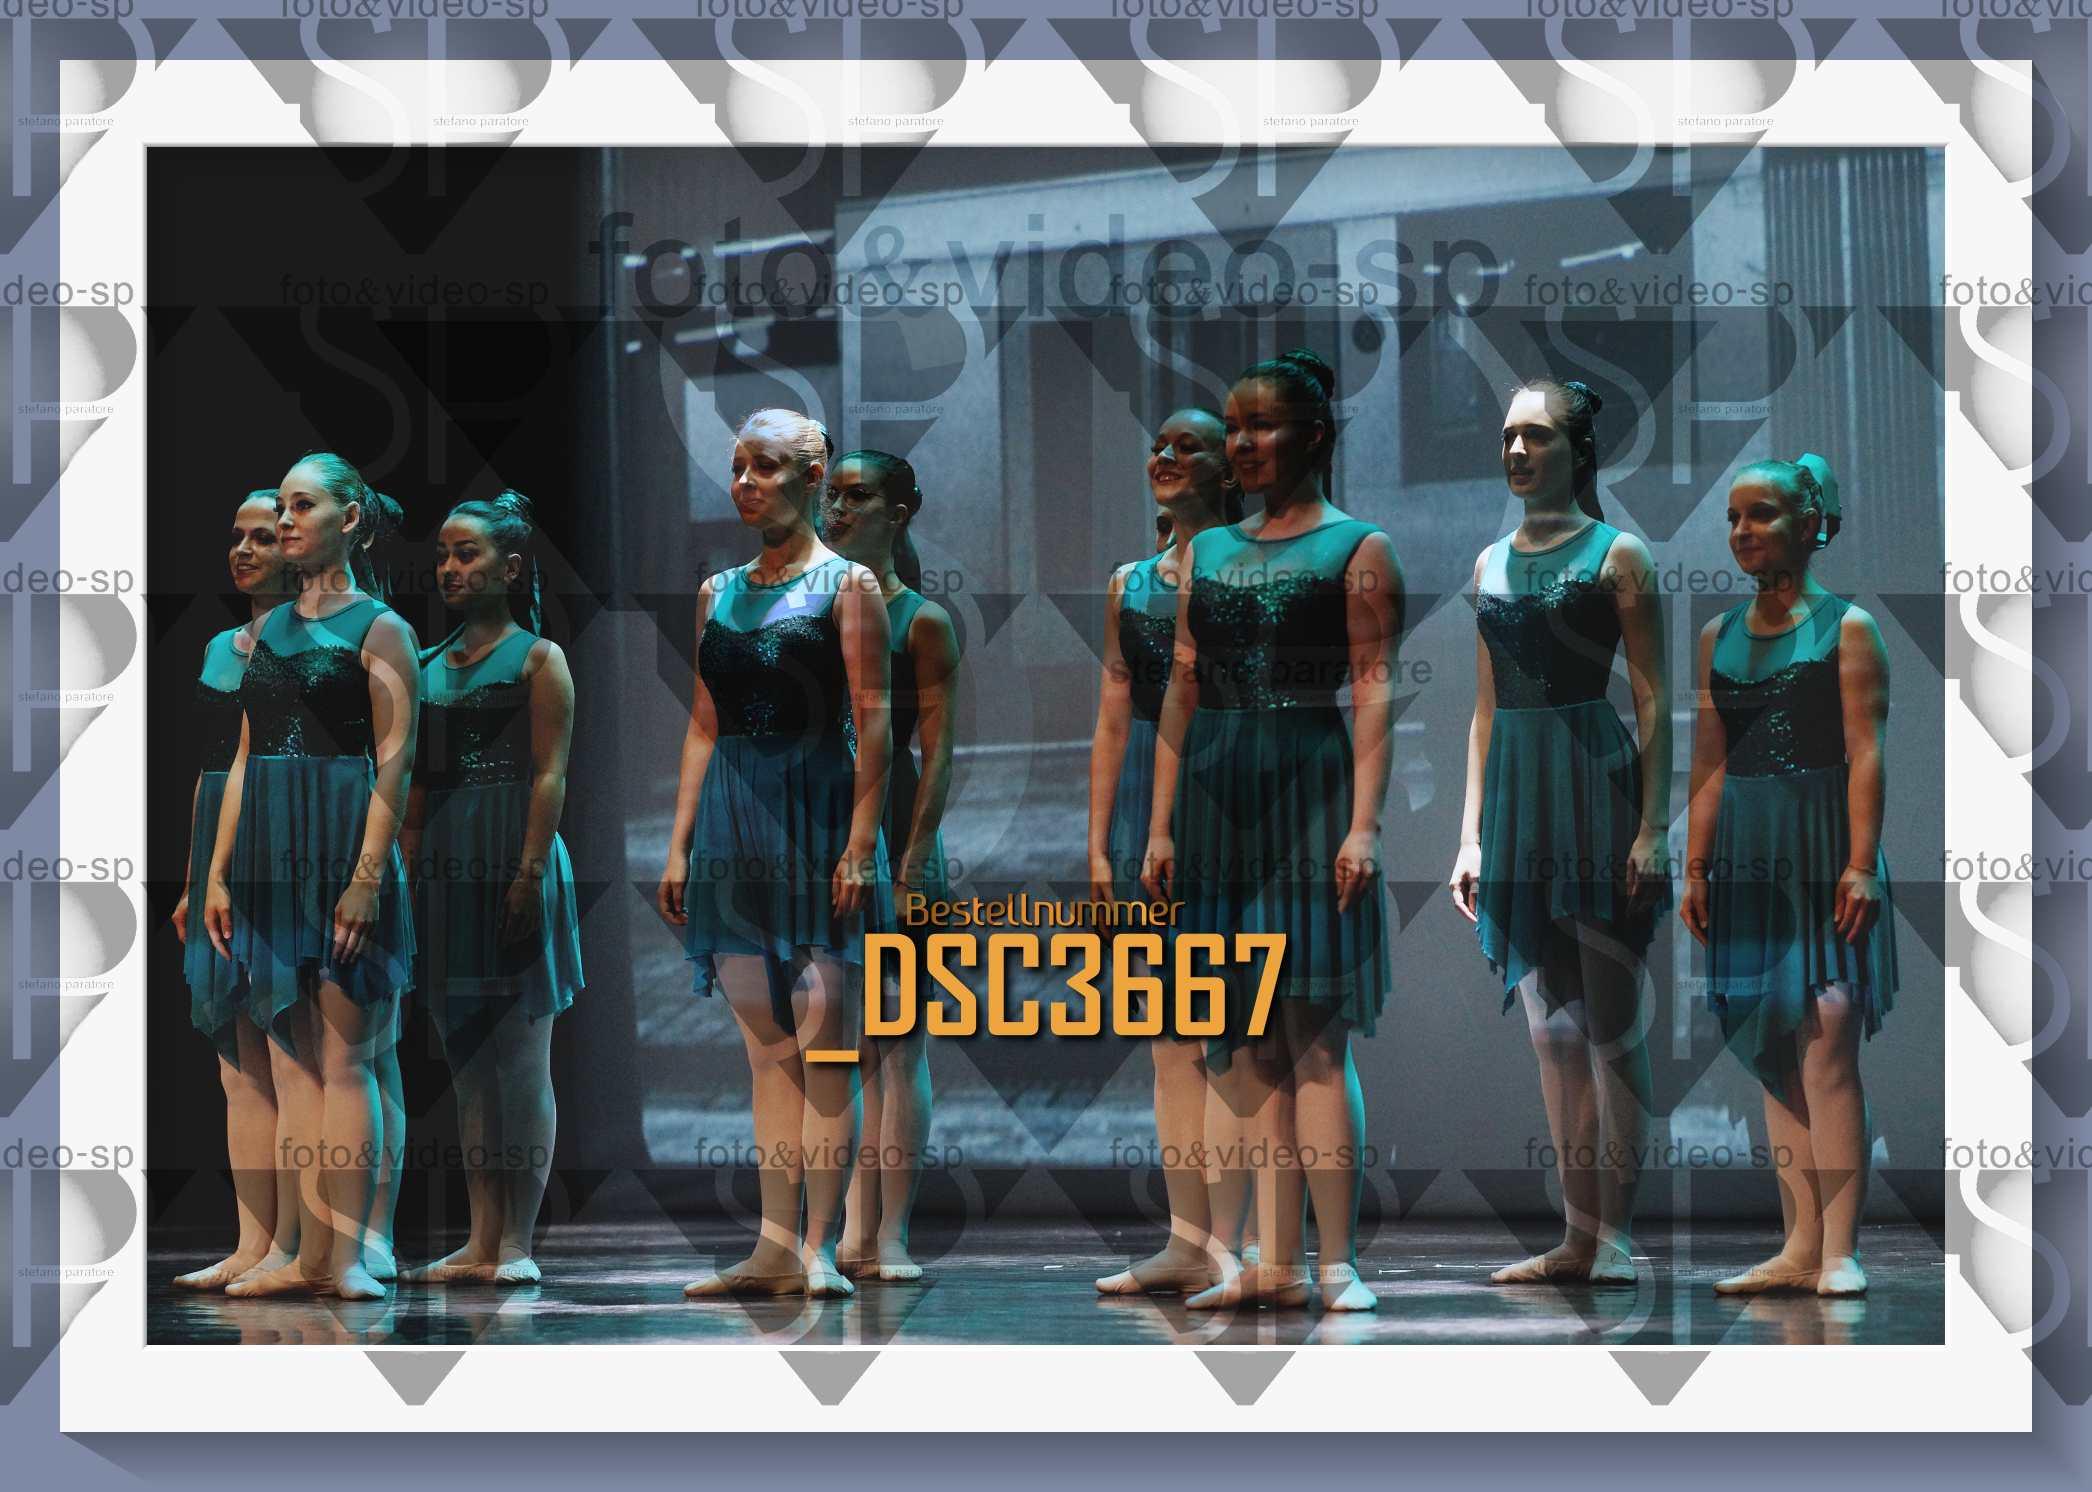 DSC3667